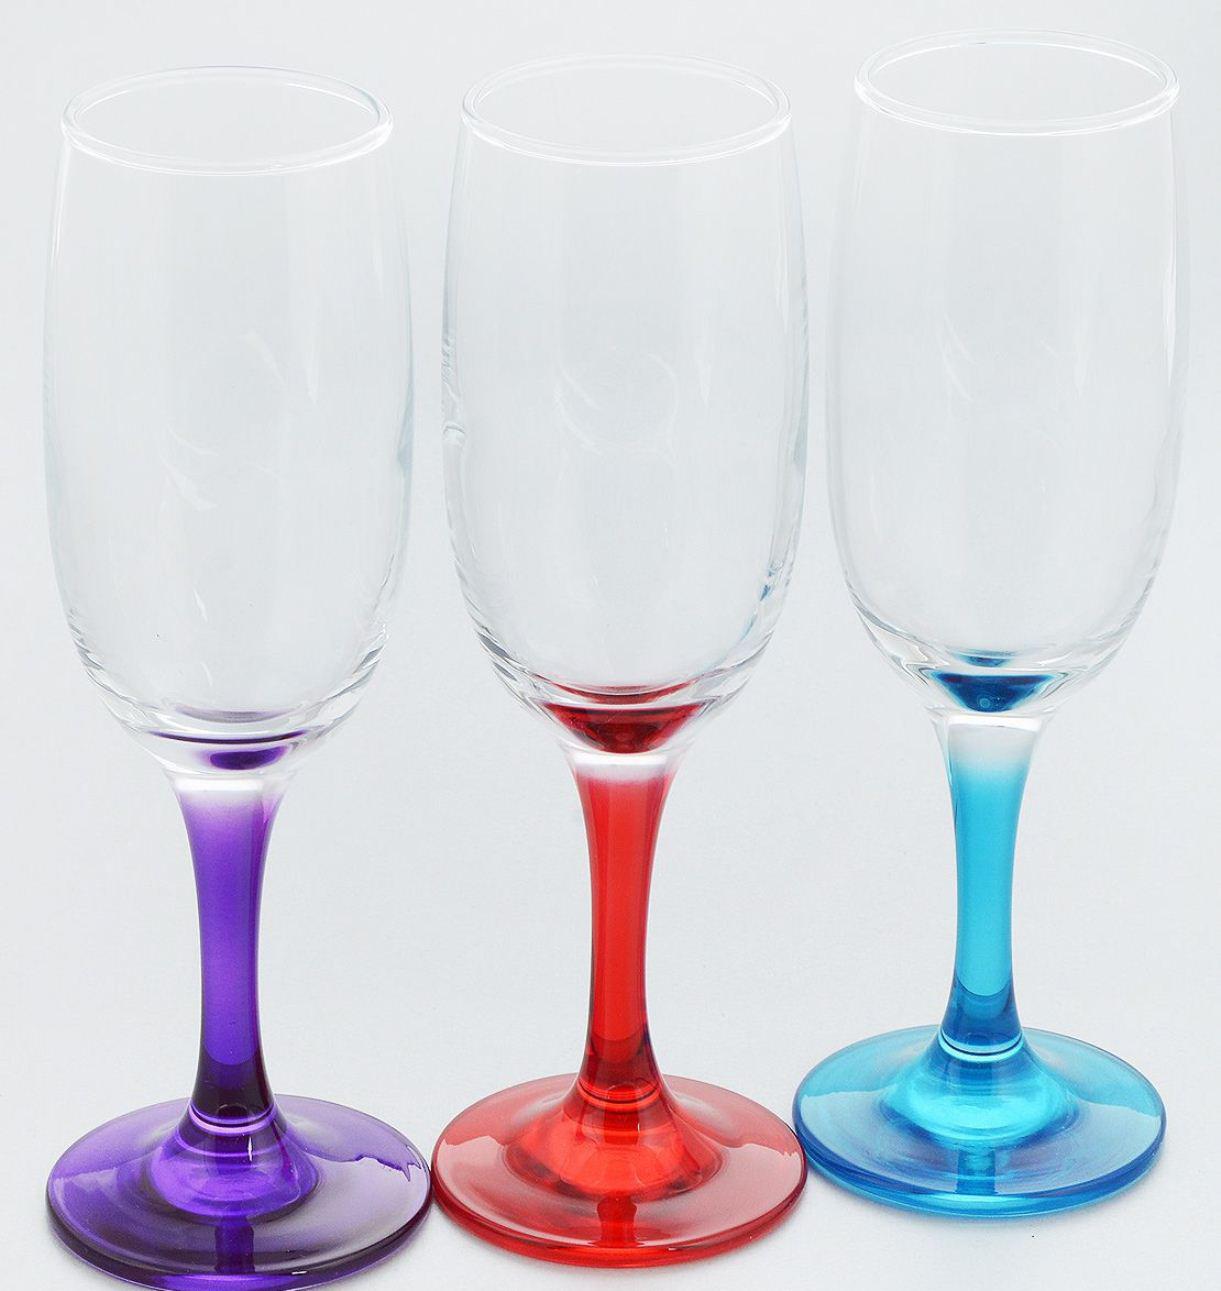 """Набор Pasabahce """"Enjoy"""" состоит из 3 бокалов c цветными ножками и подойдут для подачи шампанского. Такой набор прекрасно дополнит праздничный стол и станет желанным подарком в любом доме."""